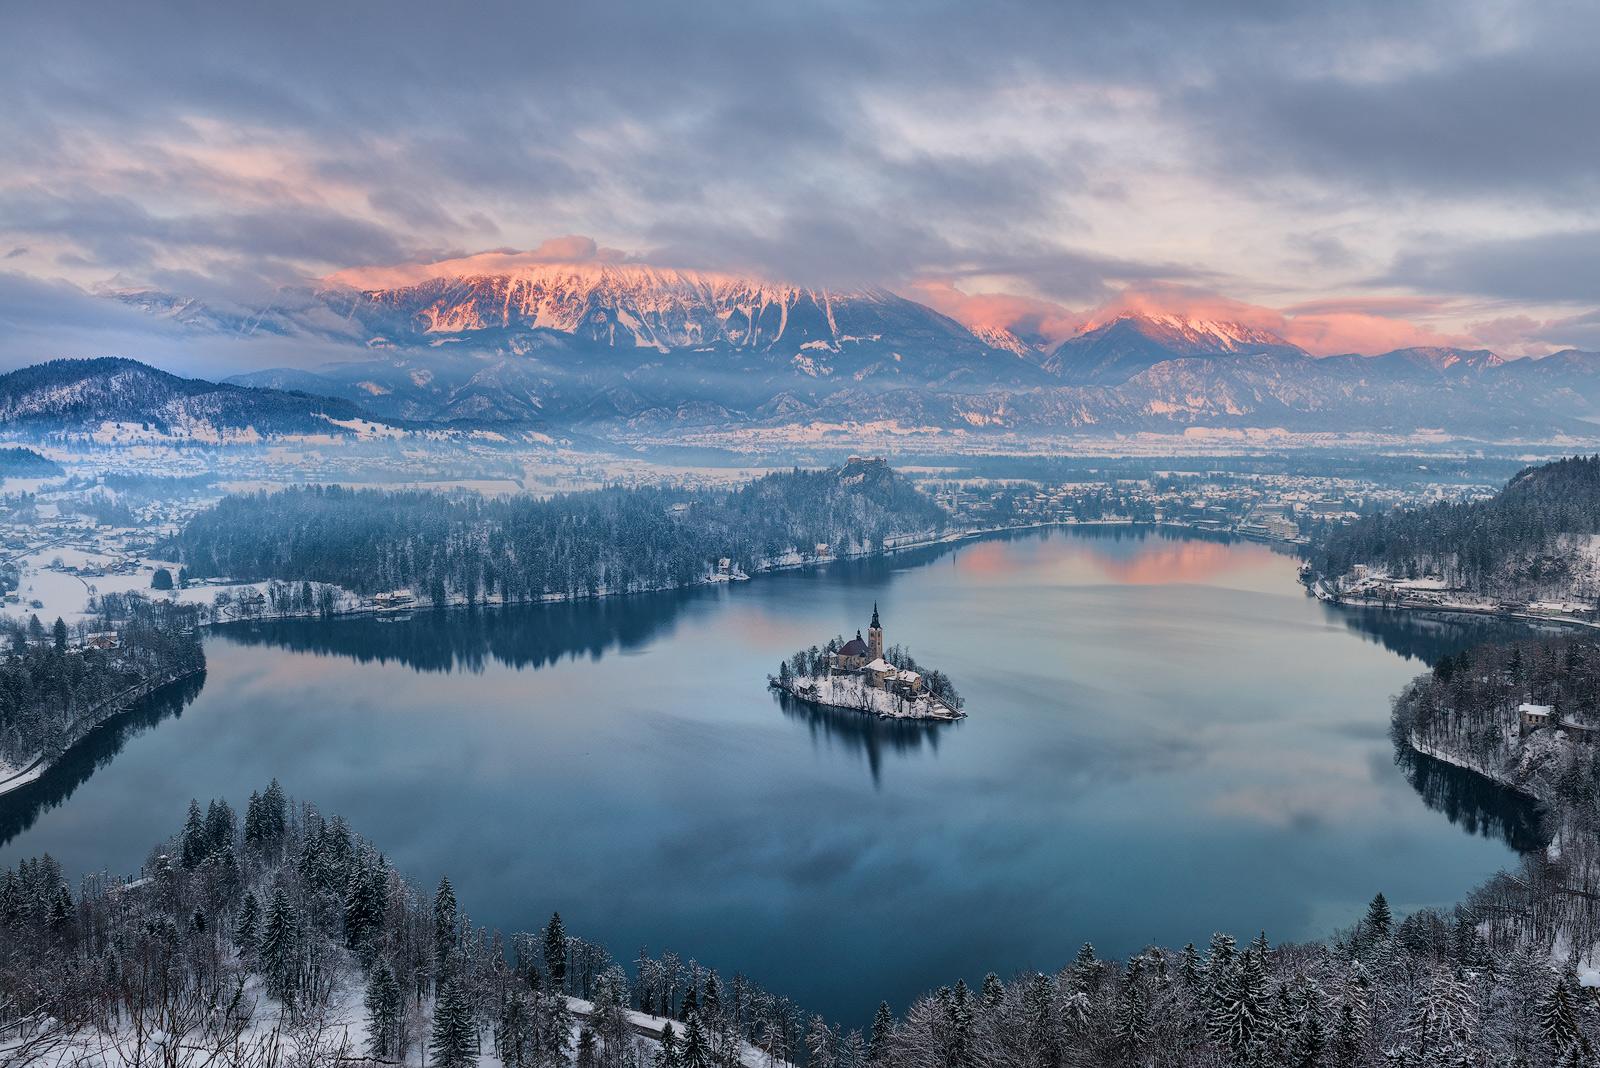 slovenia_winter_esenko_003.jpg